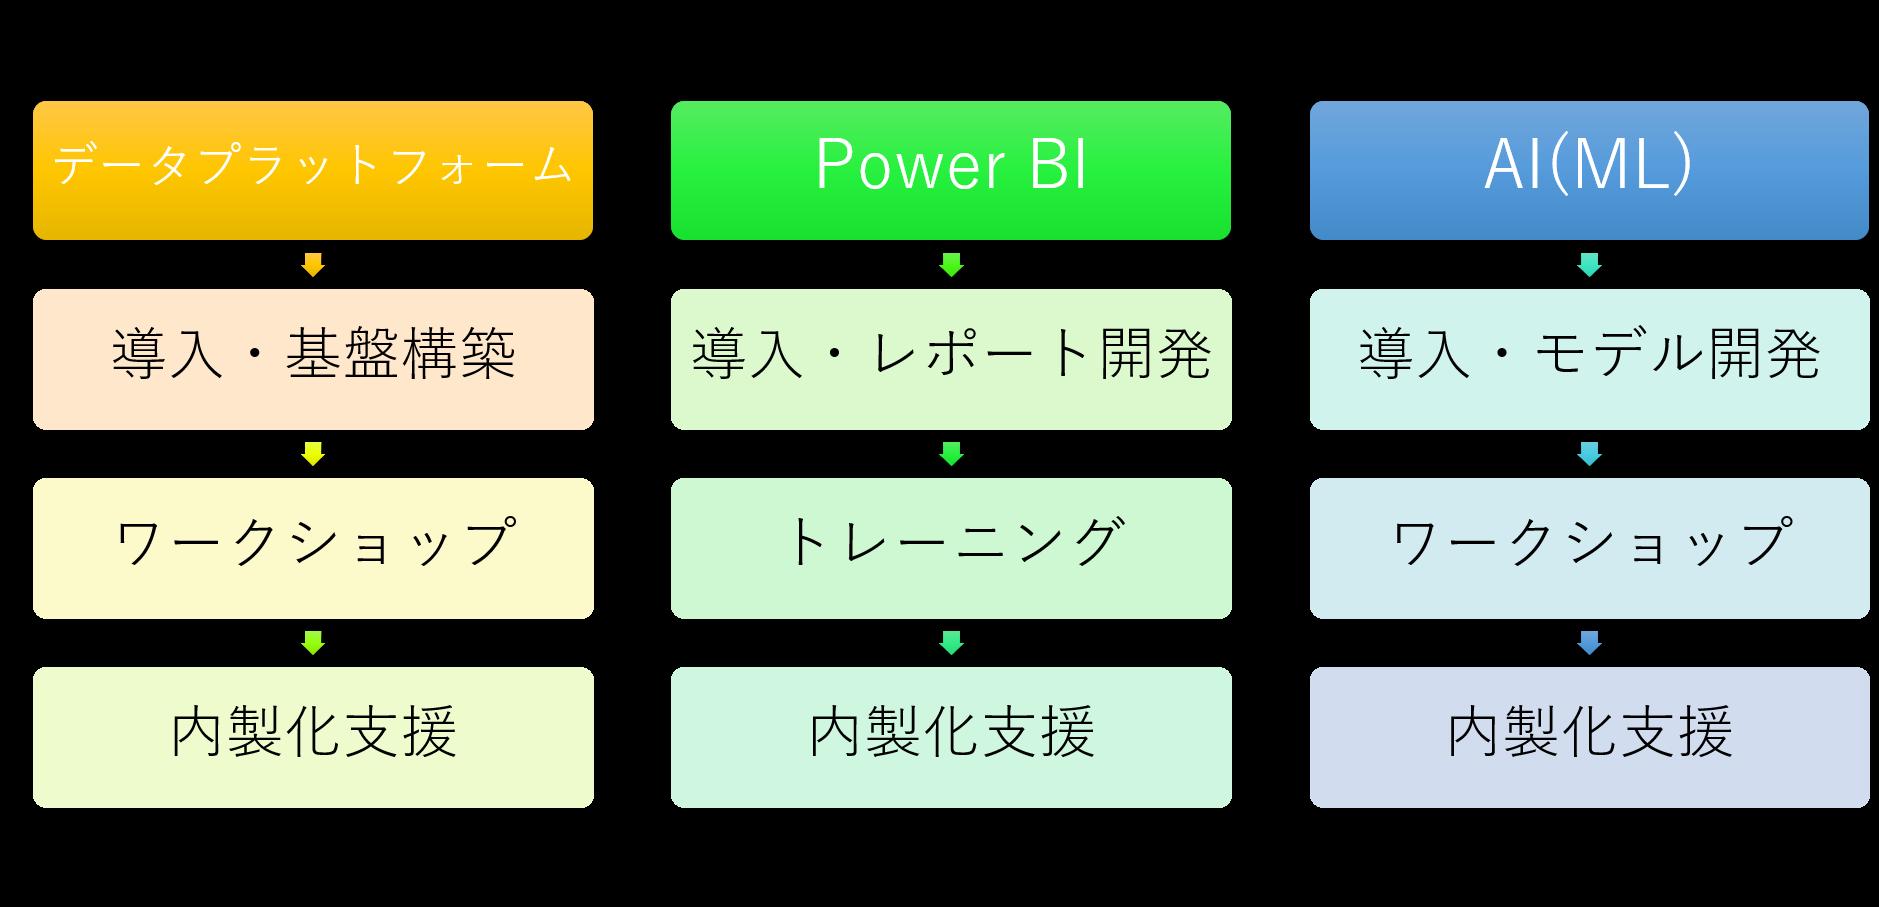 データプラットフォーム・Power BI・AI